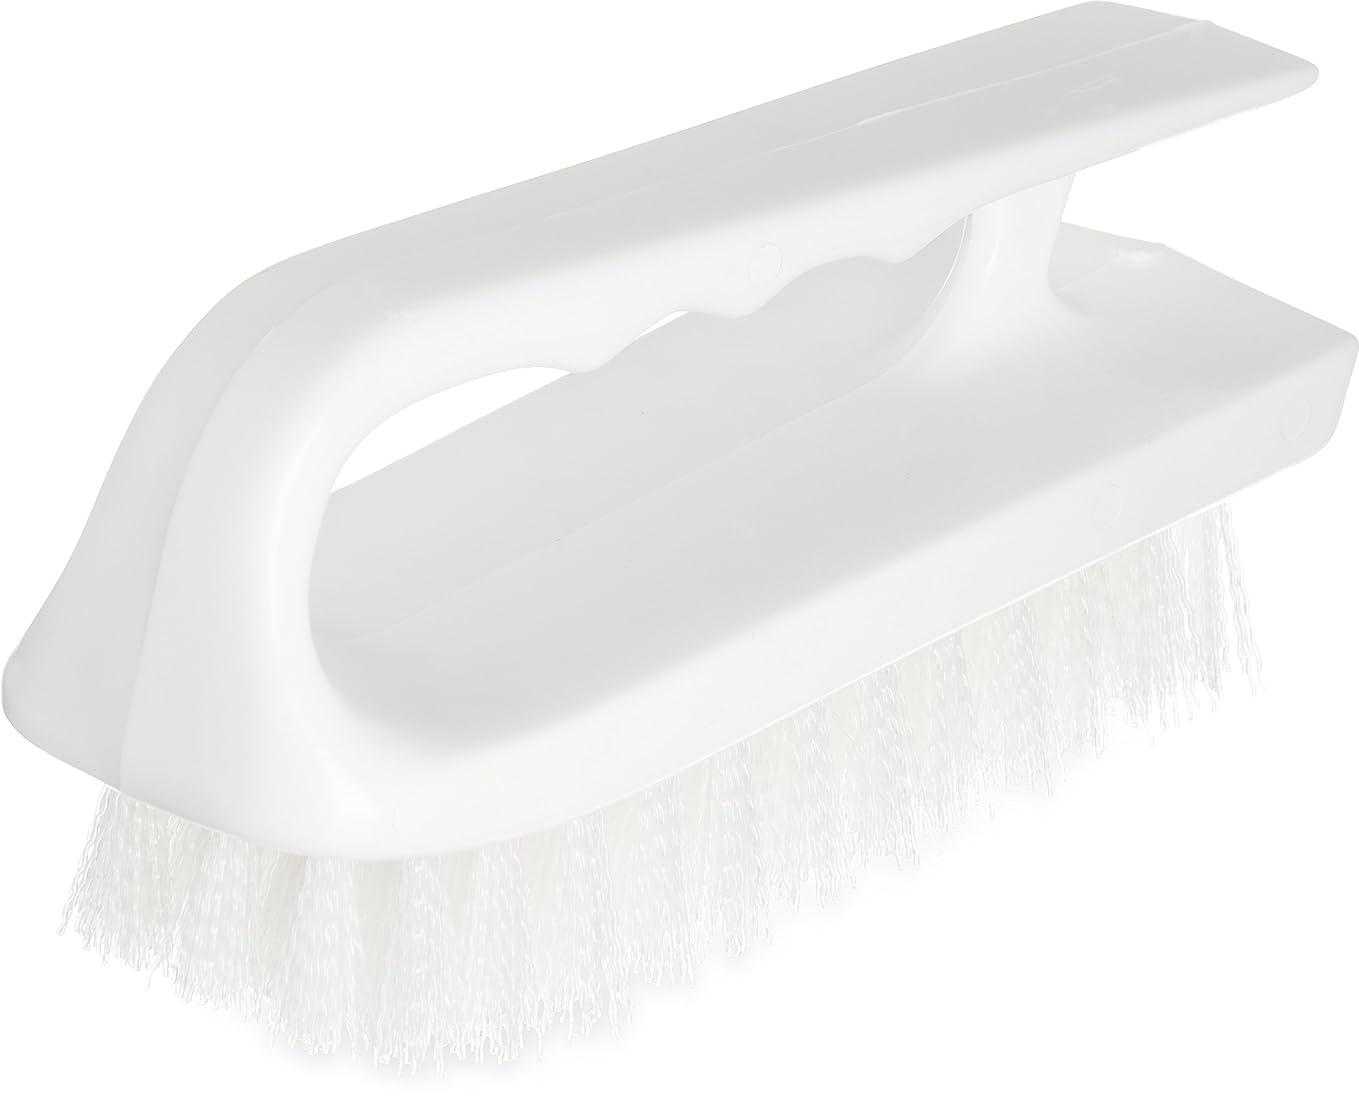 著作権マトン短くするカーライル 洗浄ブラシ アイロンハンドルブラシ 40024-02 白